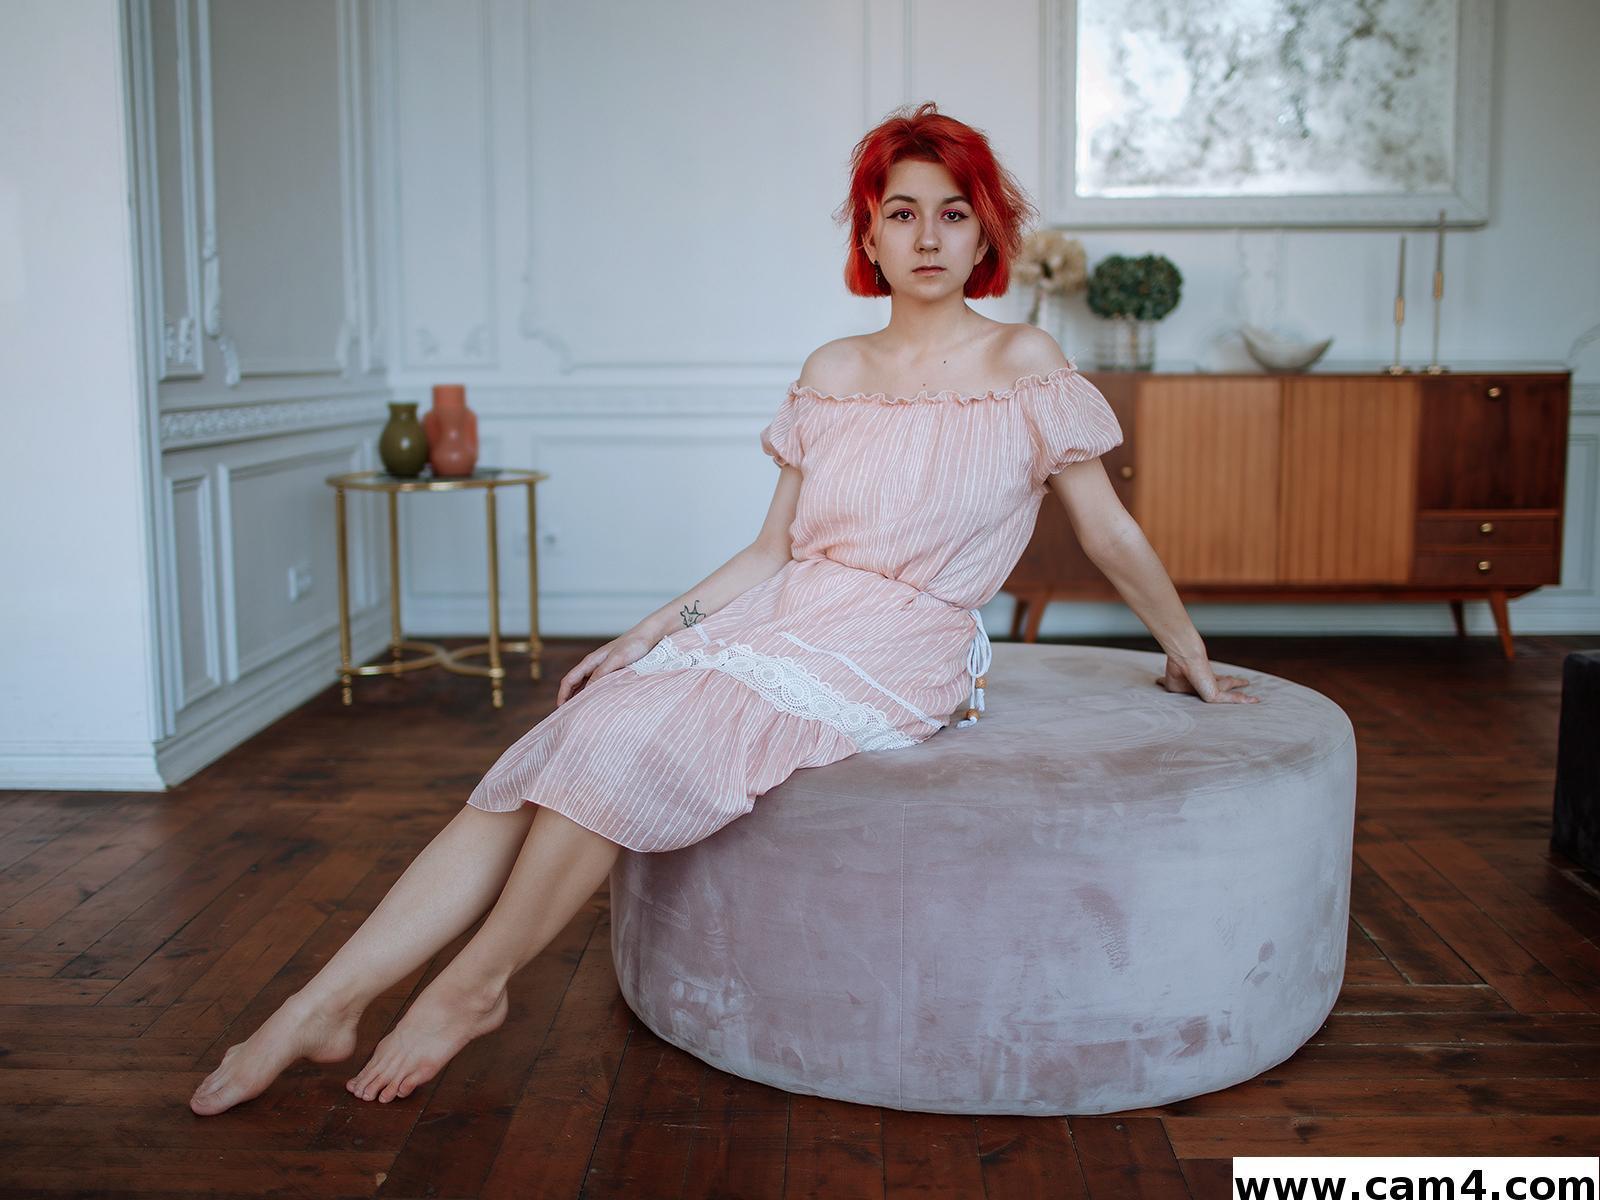 Ruby rossie?s=hywawvsrxz2nn4p2zf9tm2cl99bxxvasmlwrwspltmi=